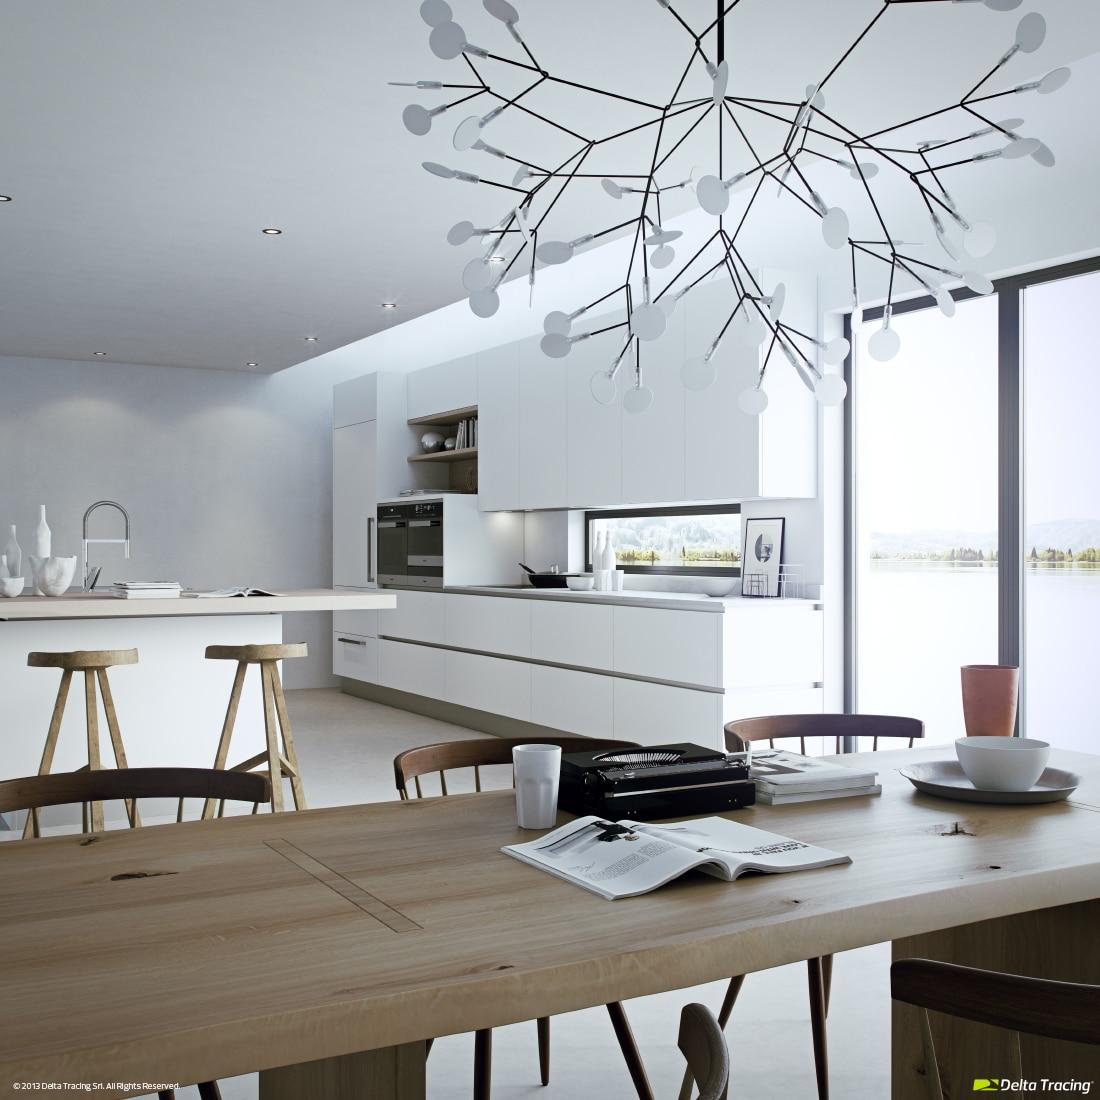 Dise o de cocinas modernas iluminaci n de interiores - Lamparas colgantes para cocina ...